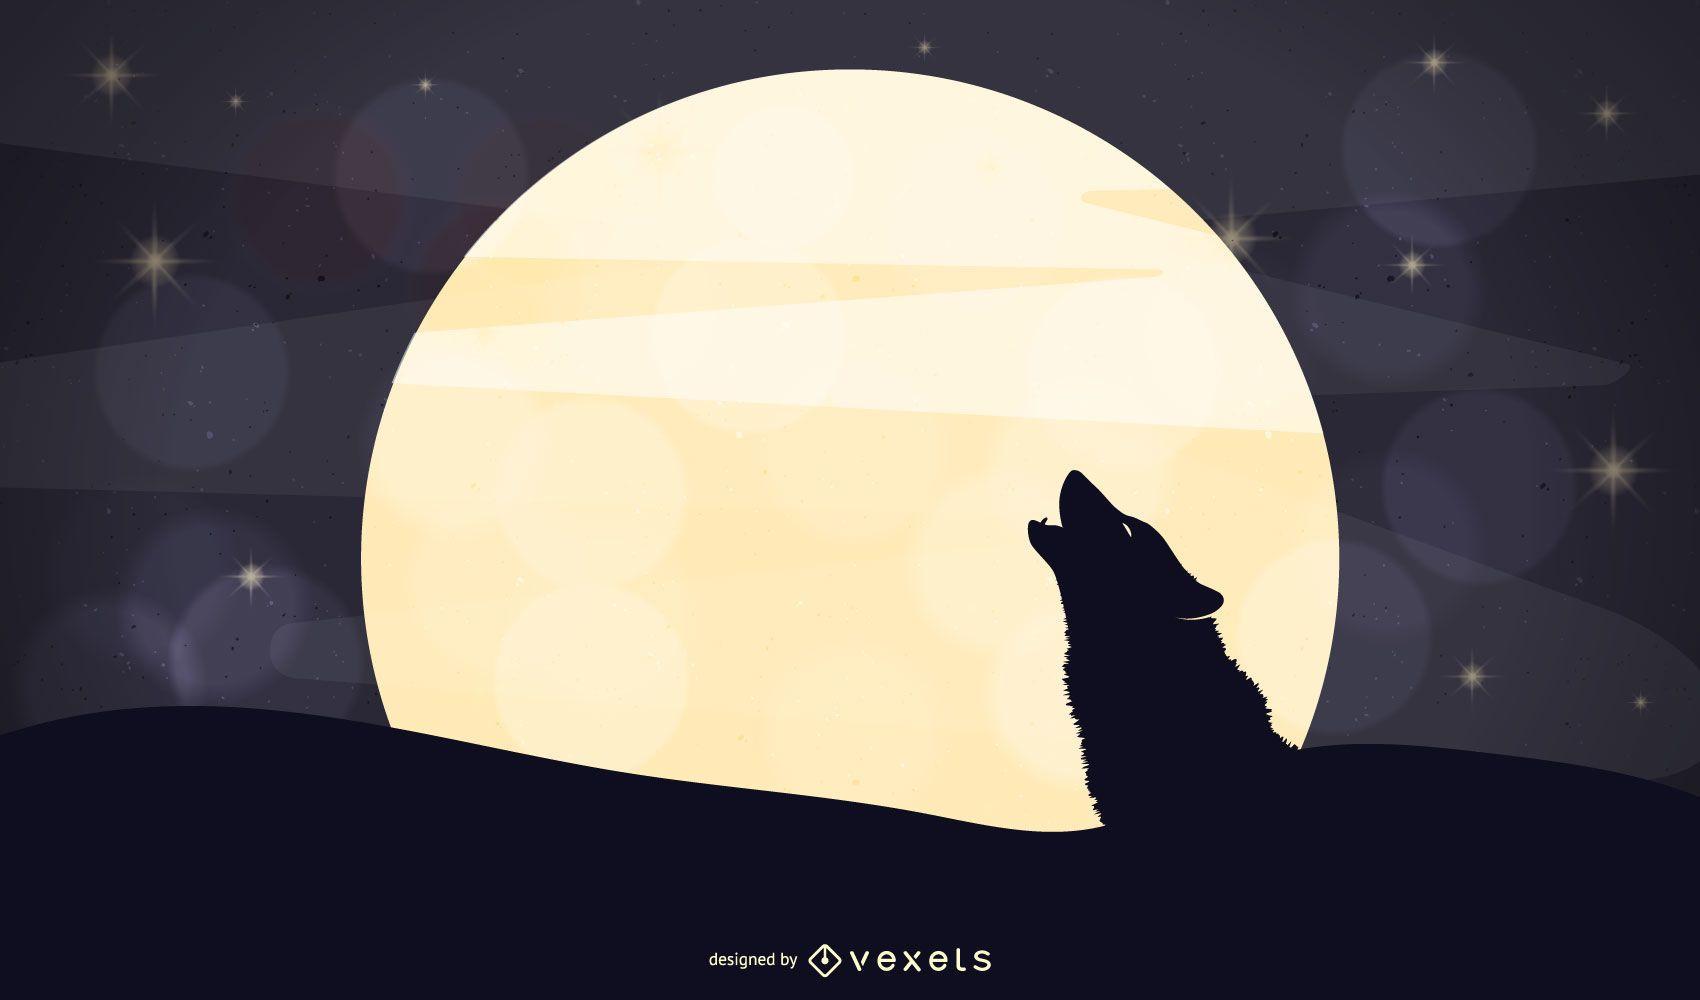 Wolf moonlight illustration